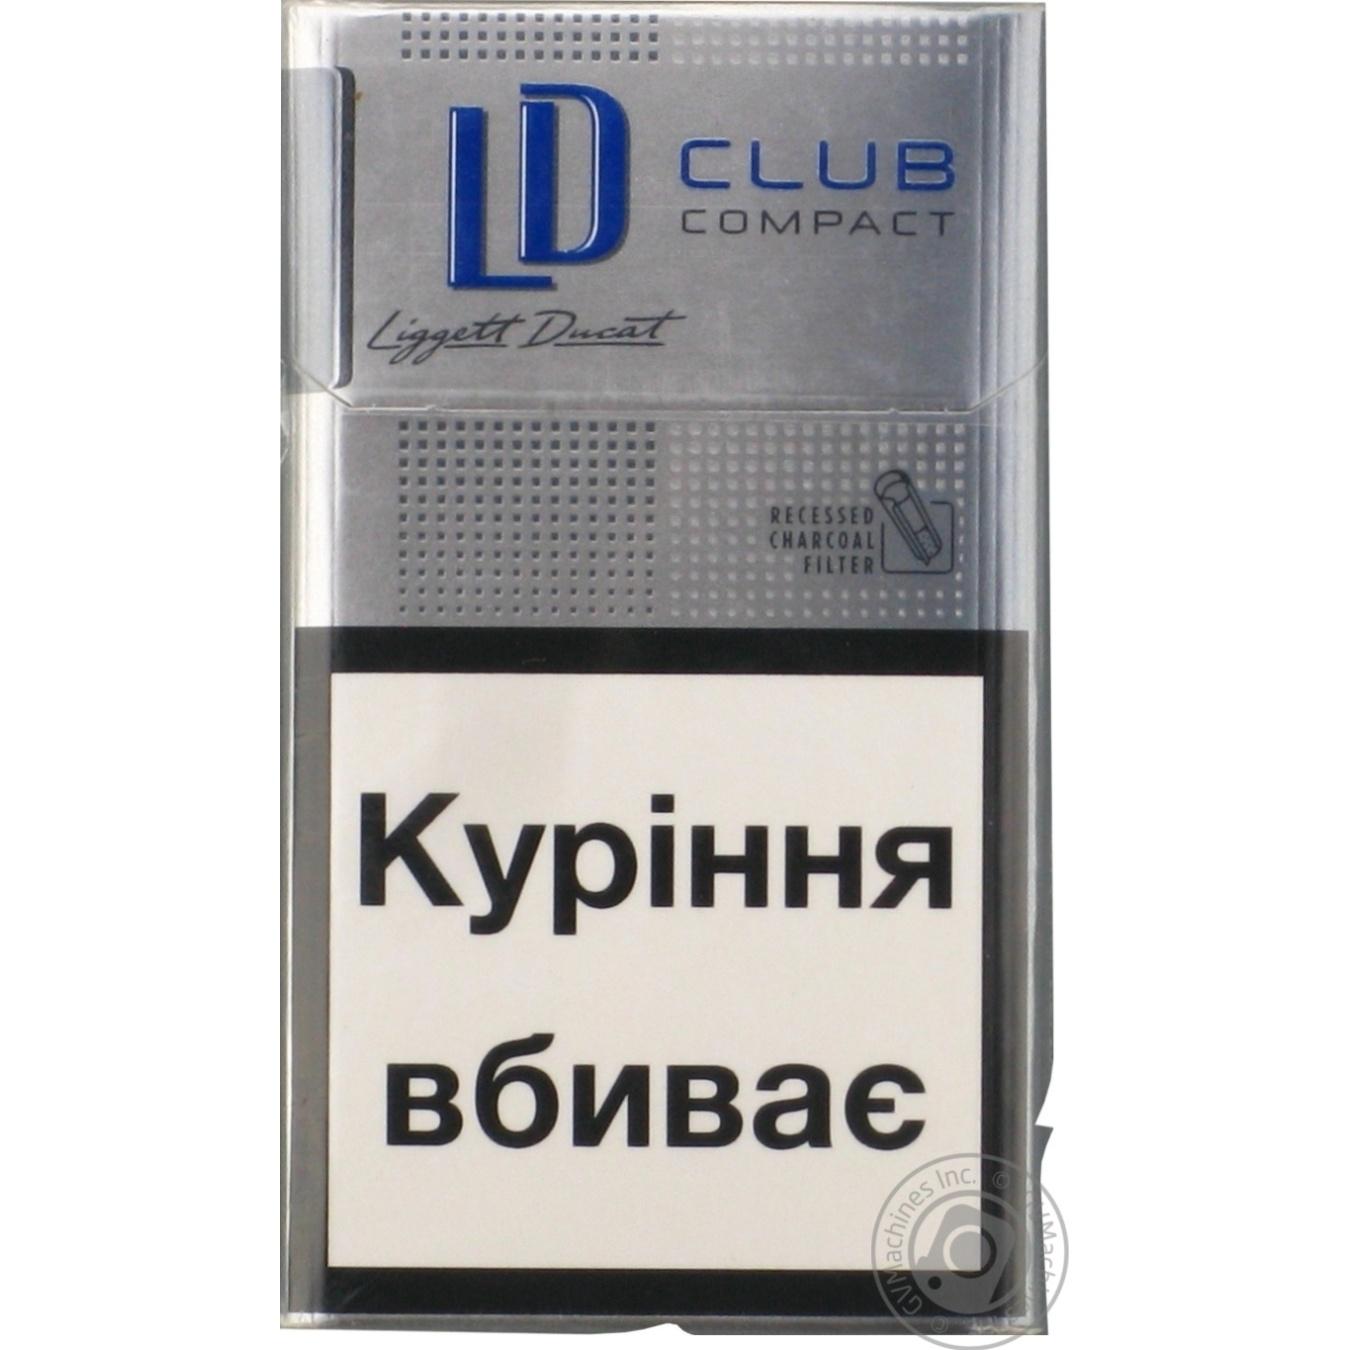 Купить сигареты лд сильвер купить одноразовые сигареты в вологде